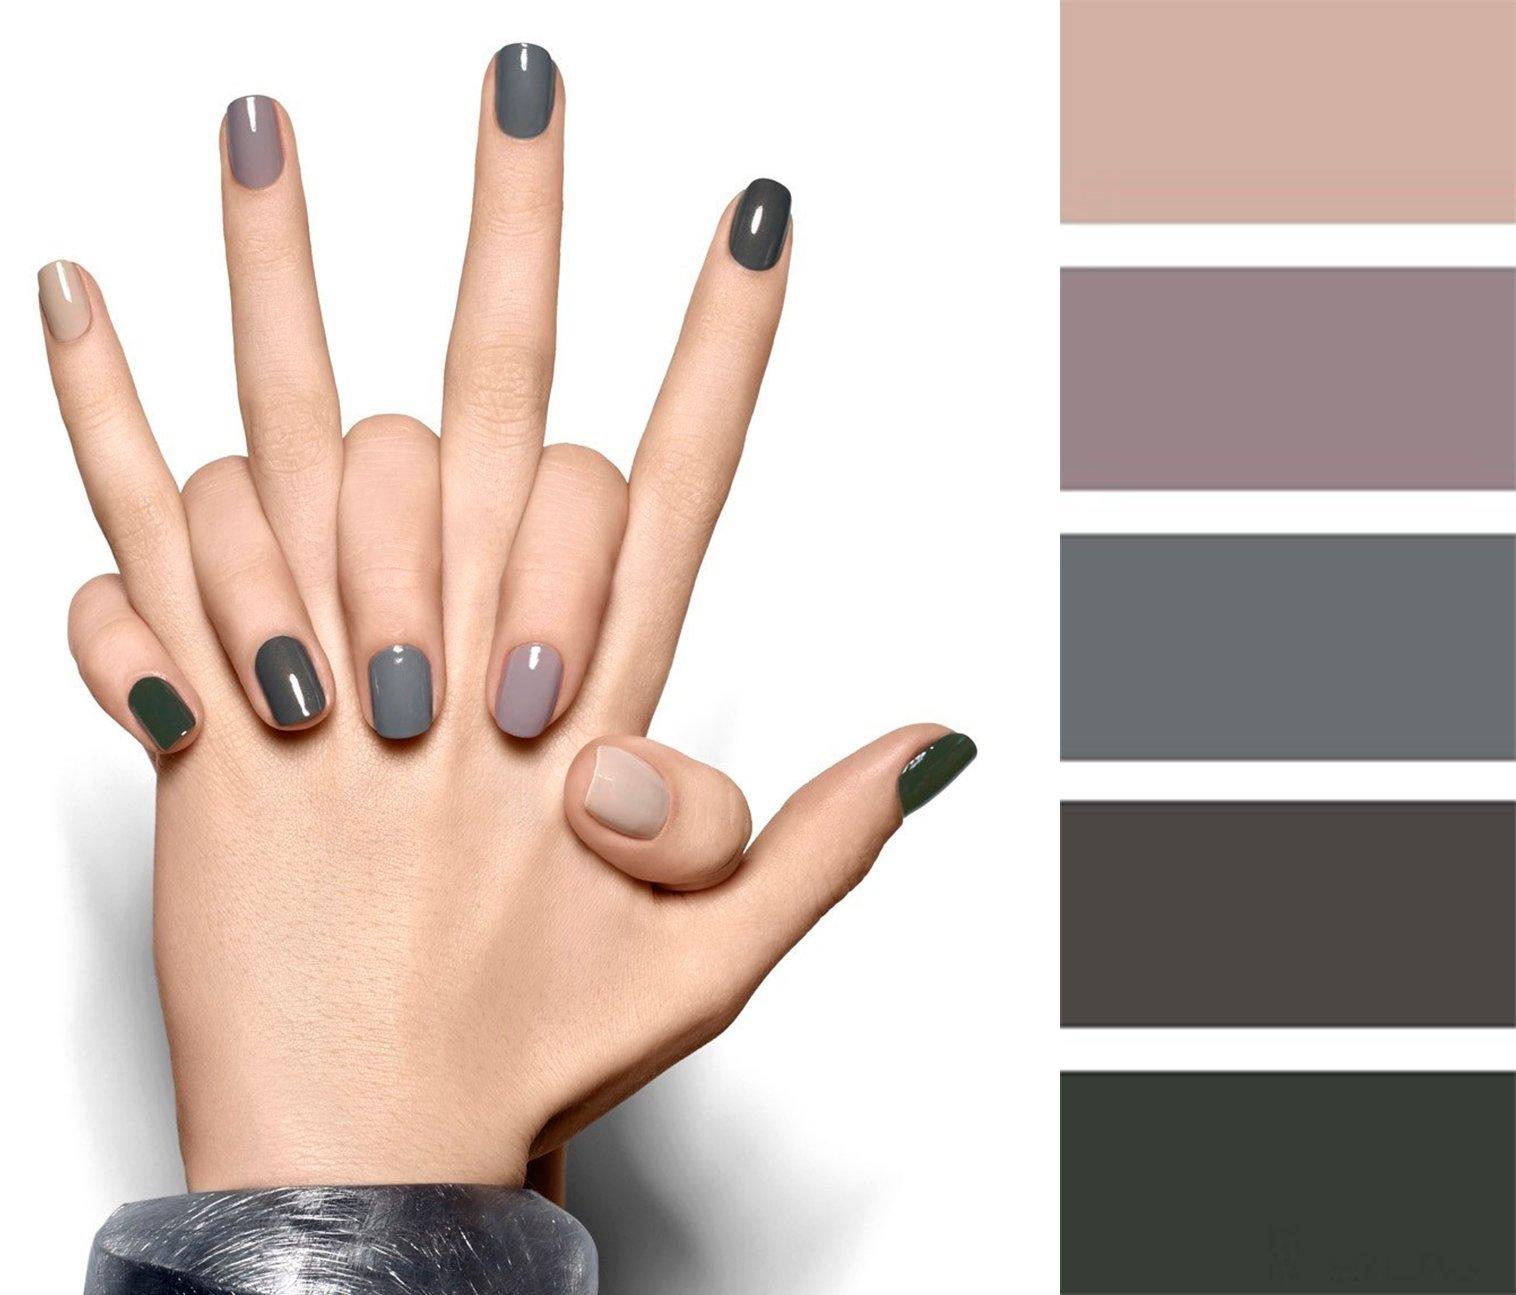 15 combinaciones de colores para una manicura perfecta for Decoracion de unas cafes